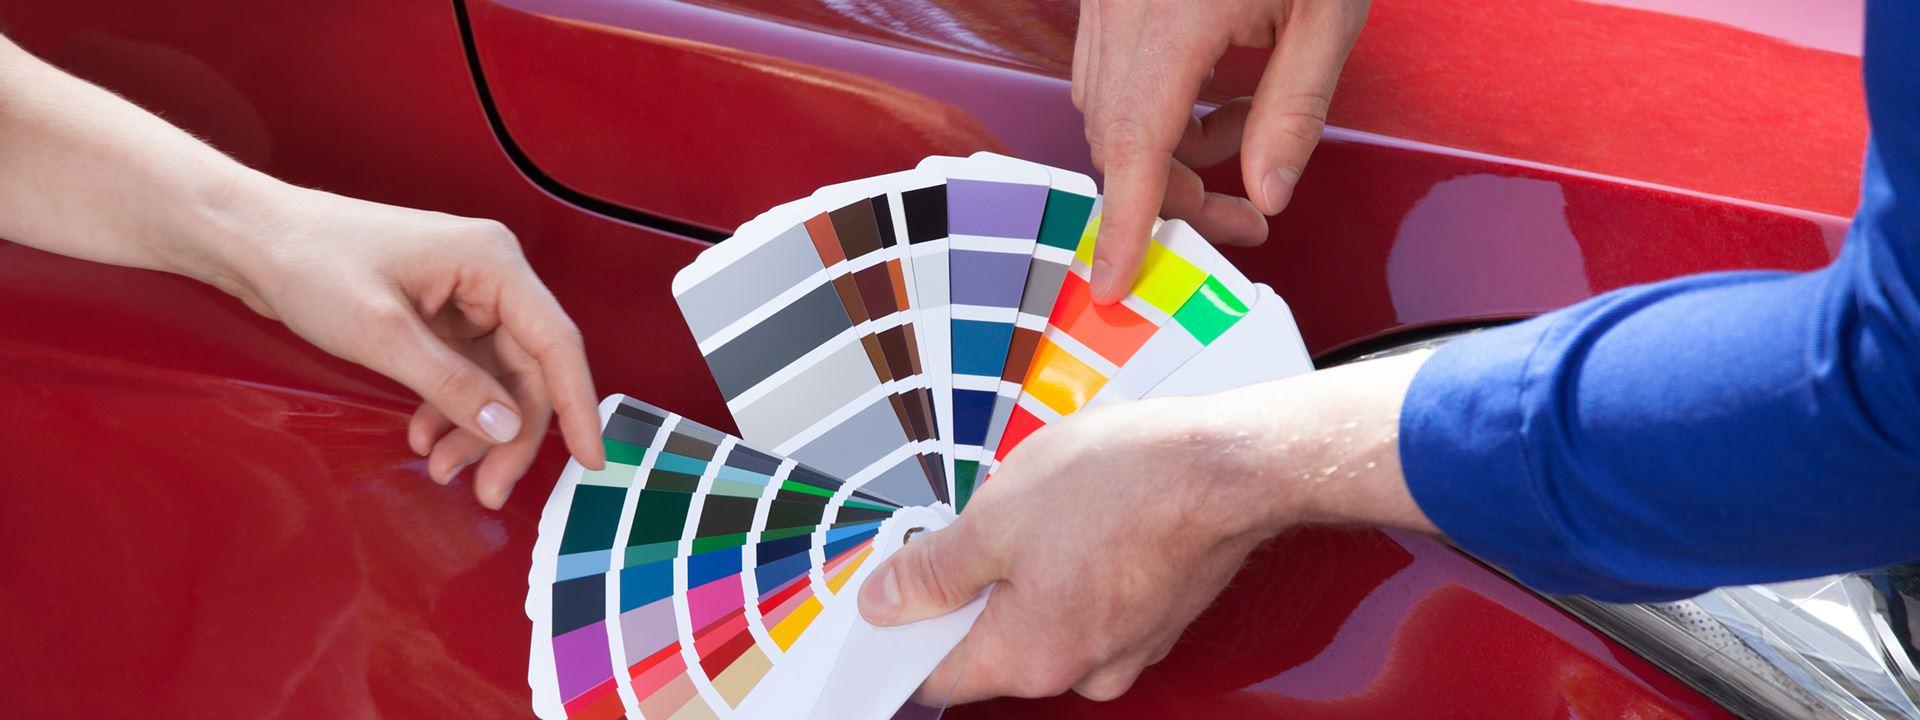 Dit zegt de kleur van jouw Hyundai over je persoonlijkheid